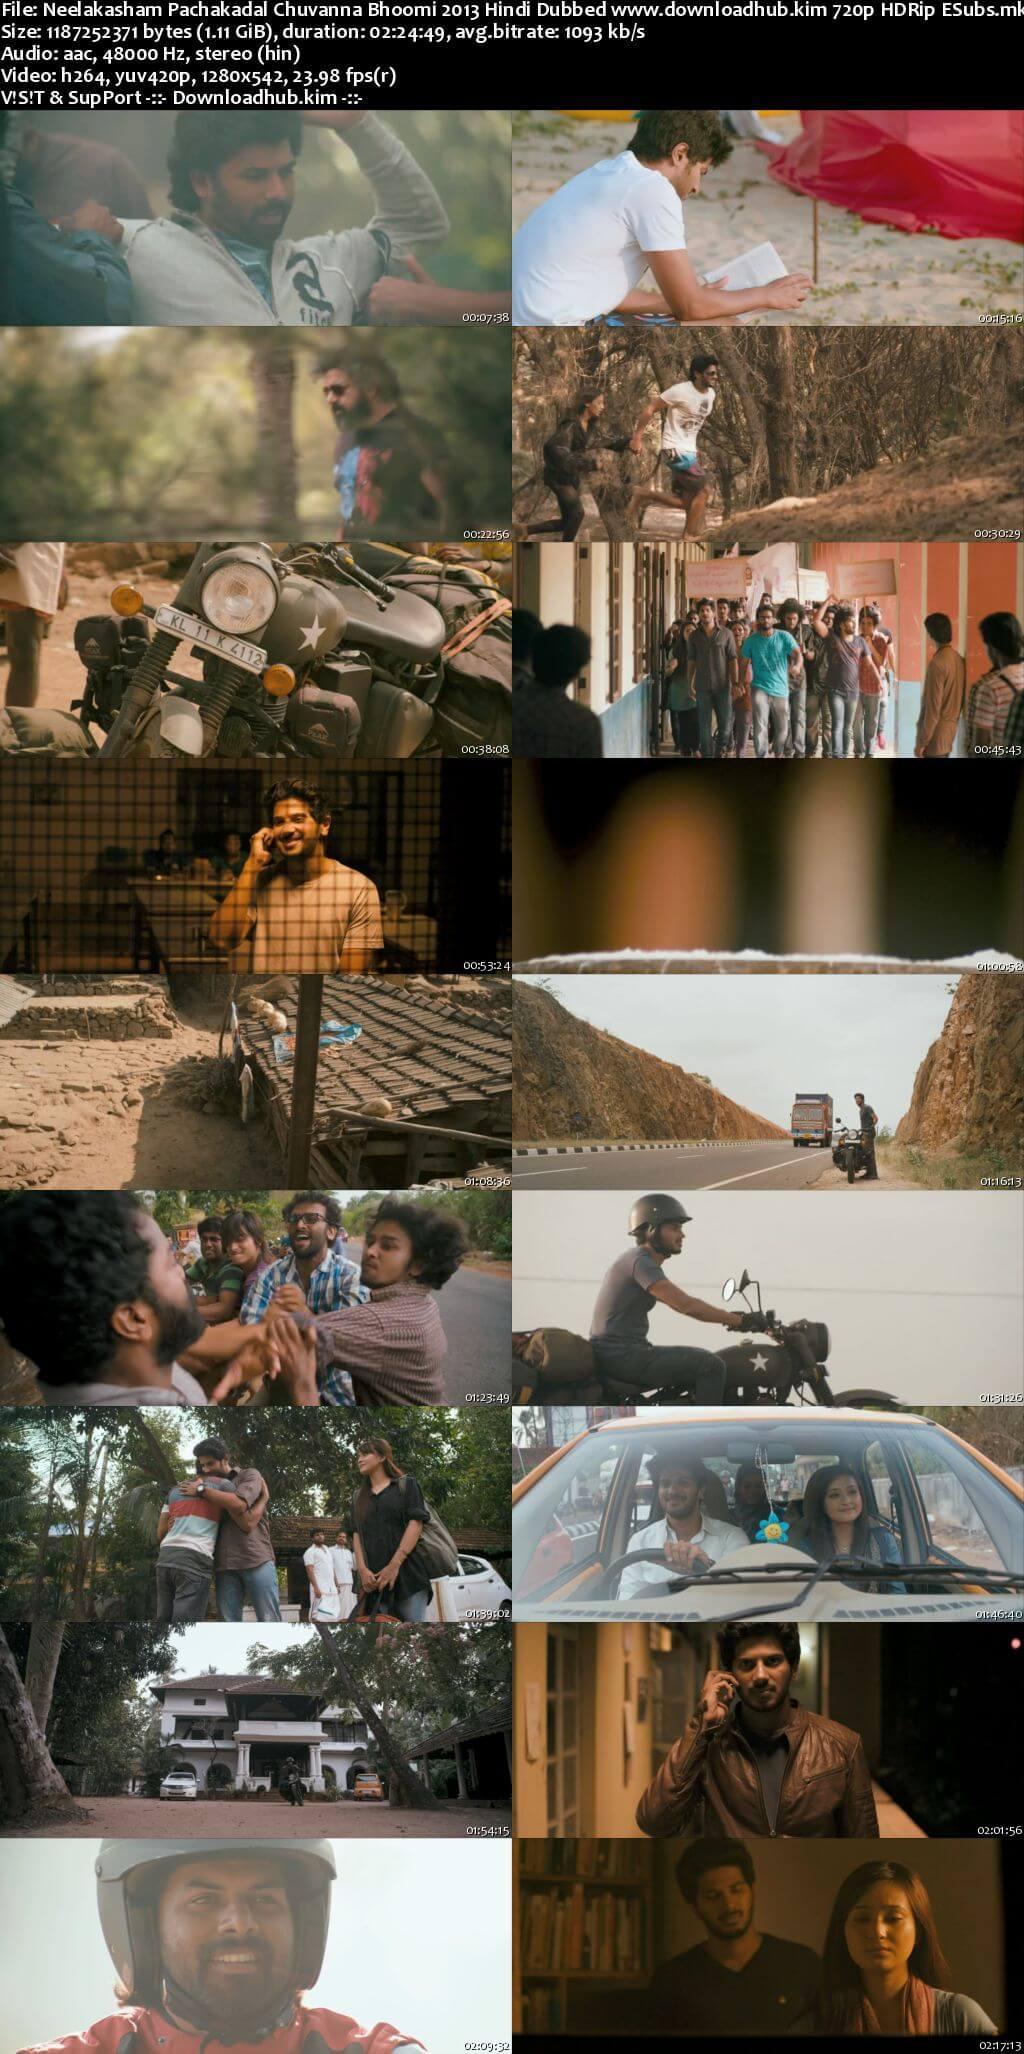 Neelakasham Pachakadal Chuvanna Bhoomi 2013 Hindi Dubbed 720p HDRip ESubs